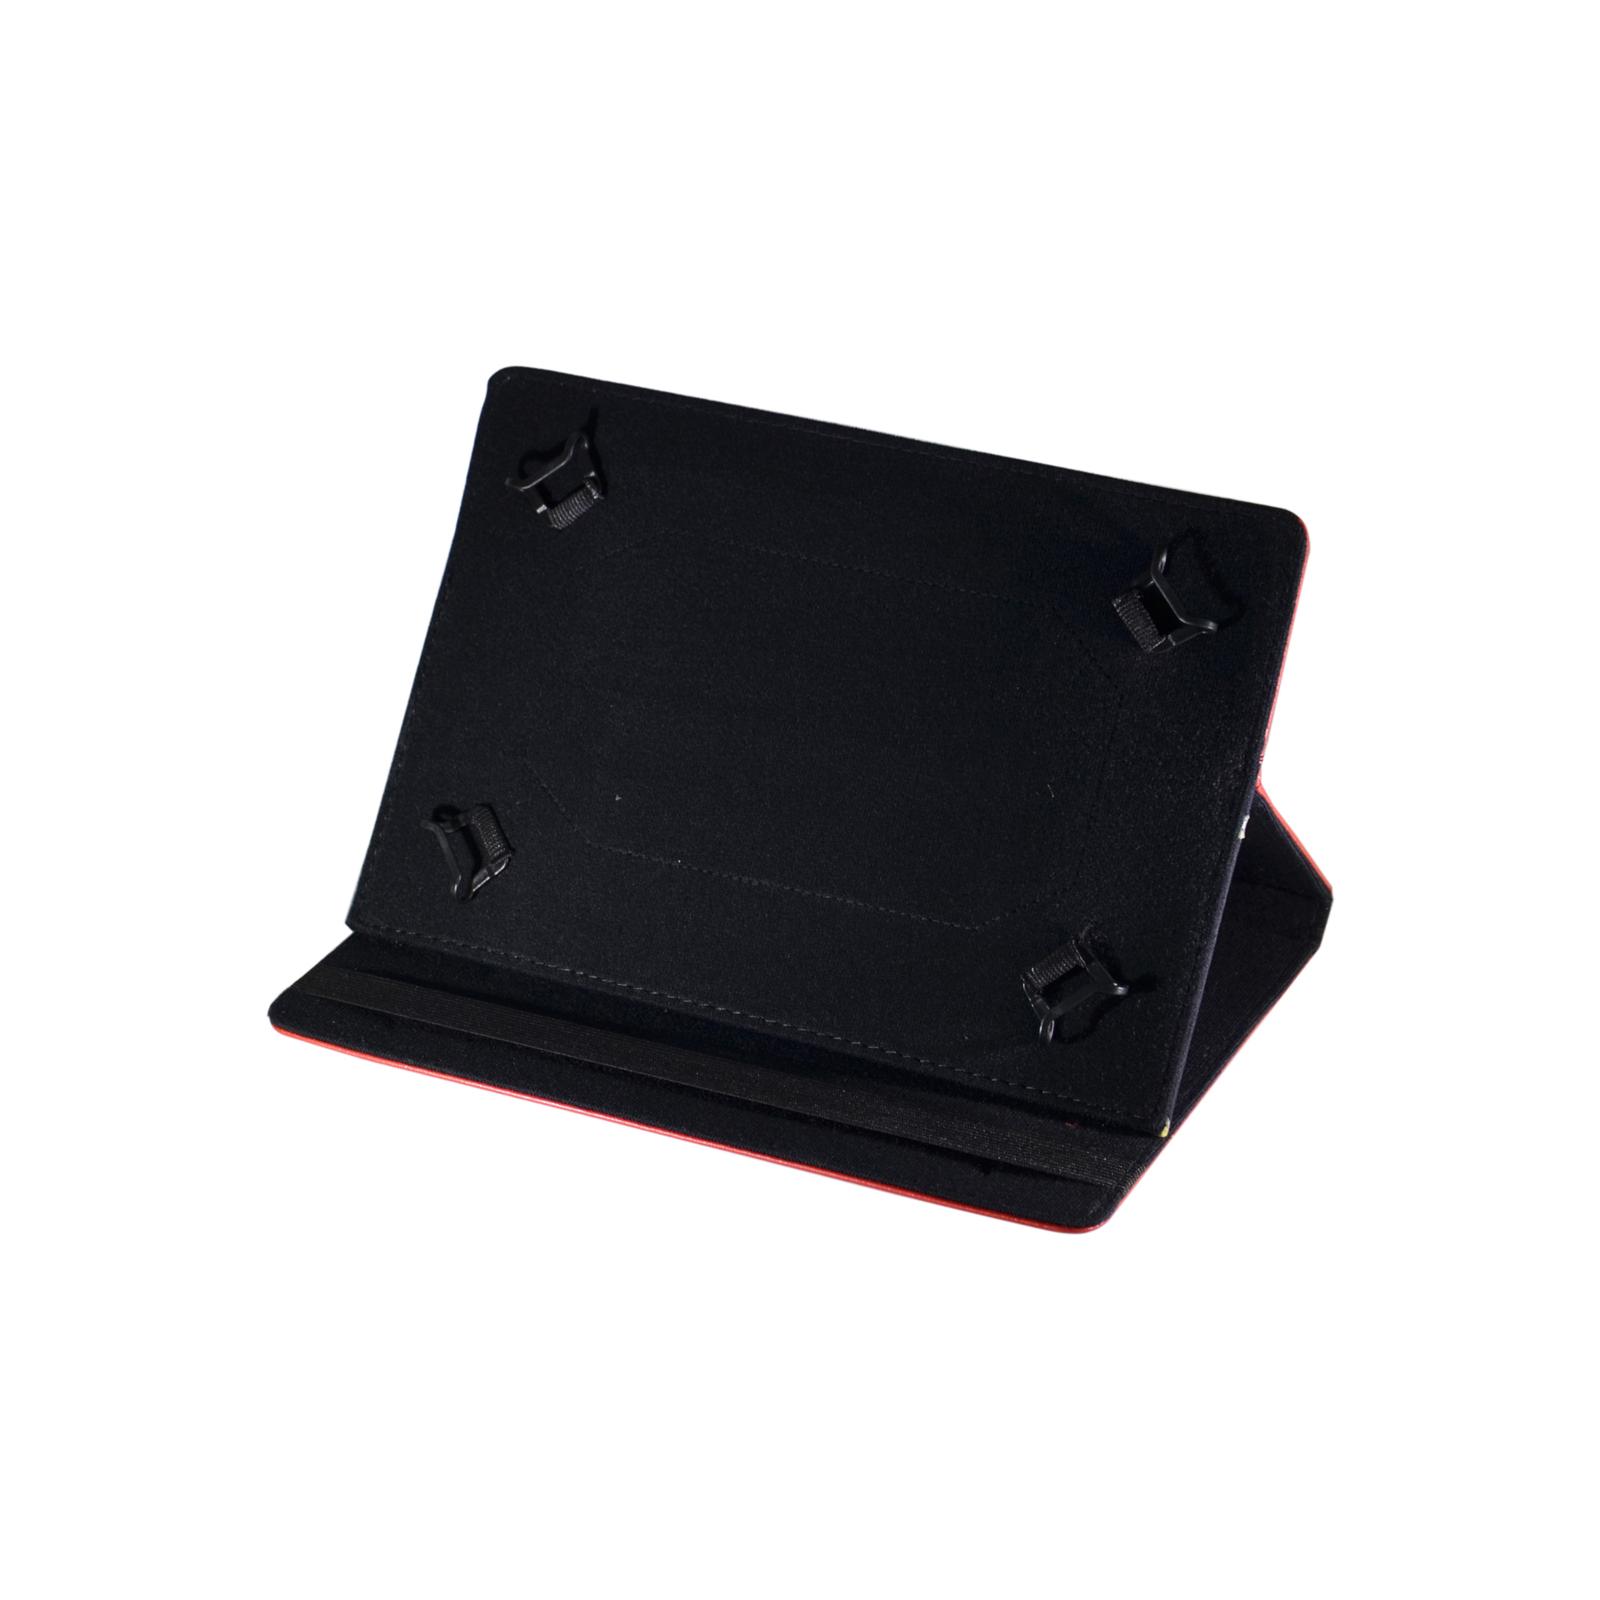 """Чехол для планшета Pro-case 10"""" универсальный case fits up red (UNS-022 r) изображение 3"""